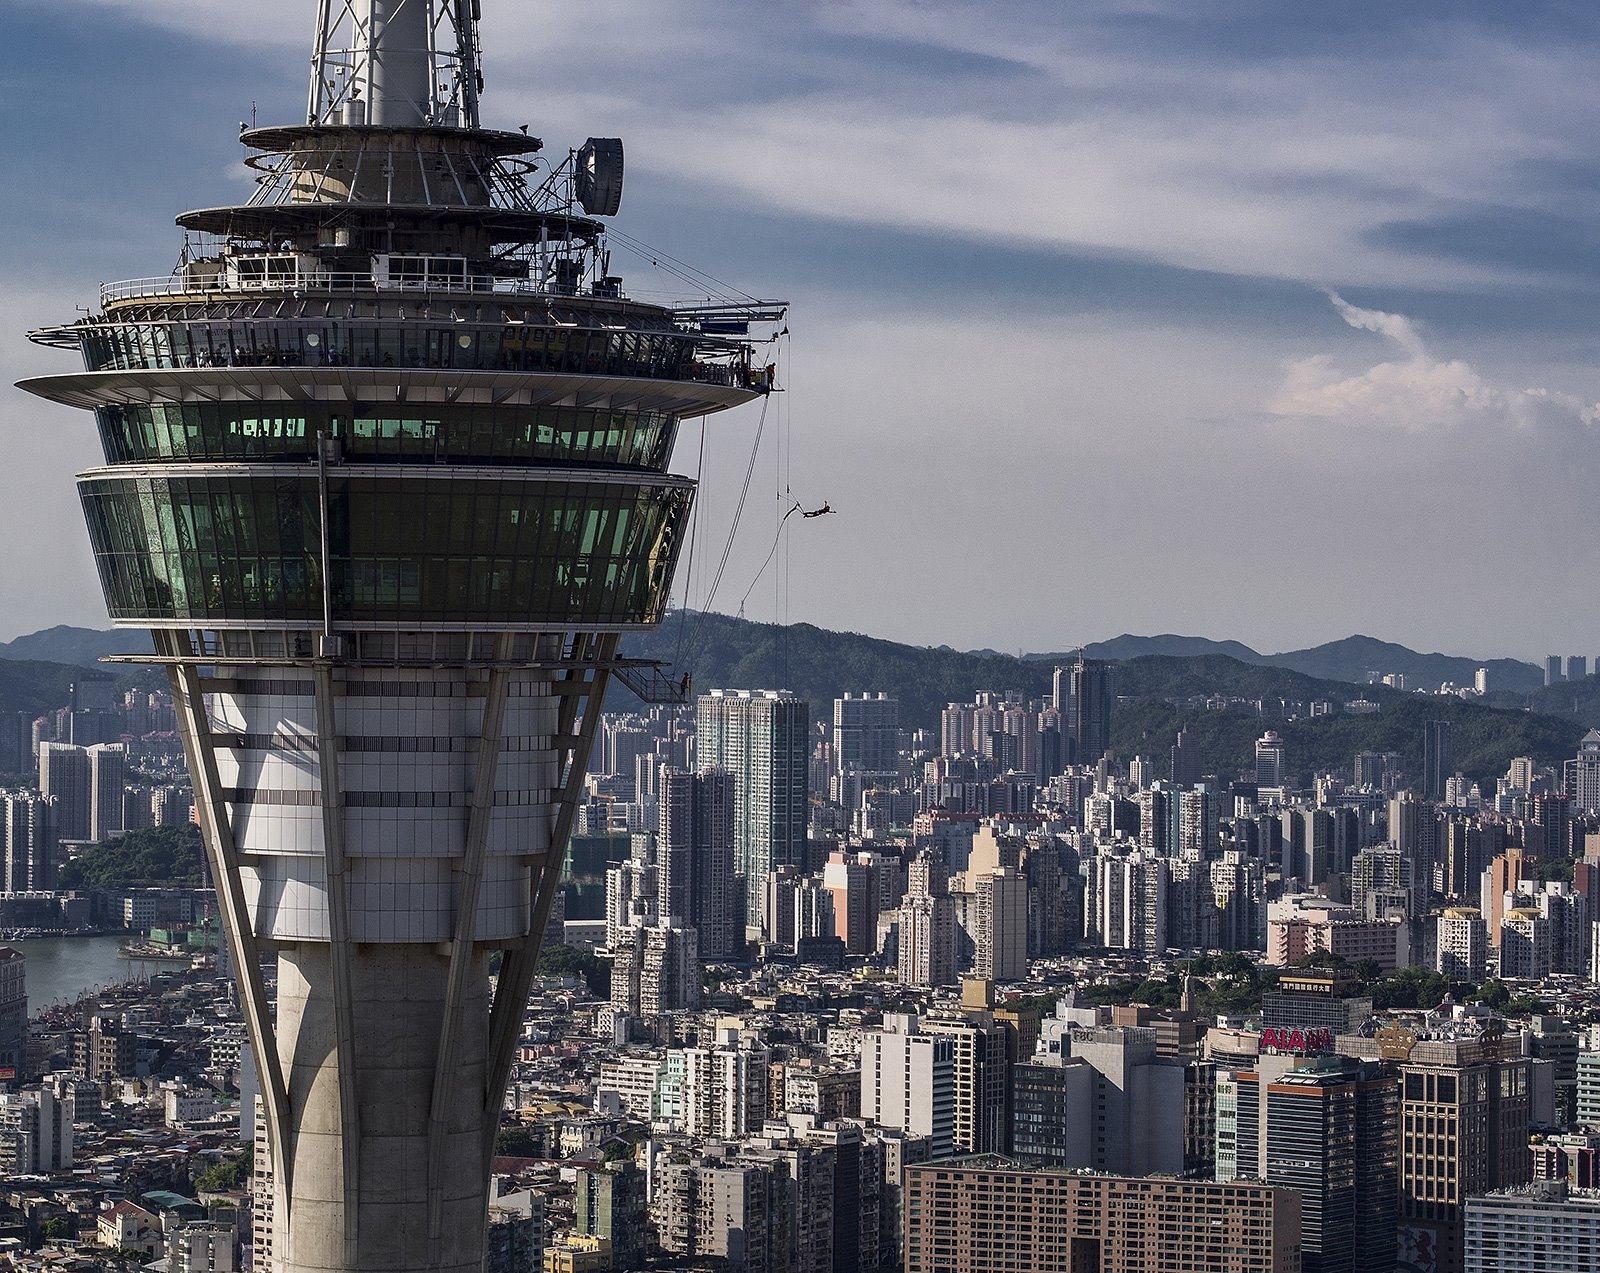 Bungy Jump Macao. El bungy jump más alto del mundo